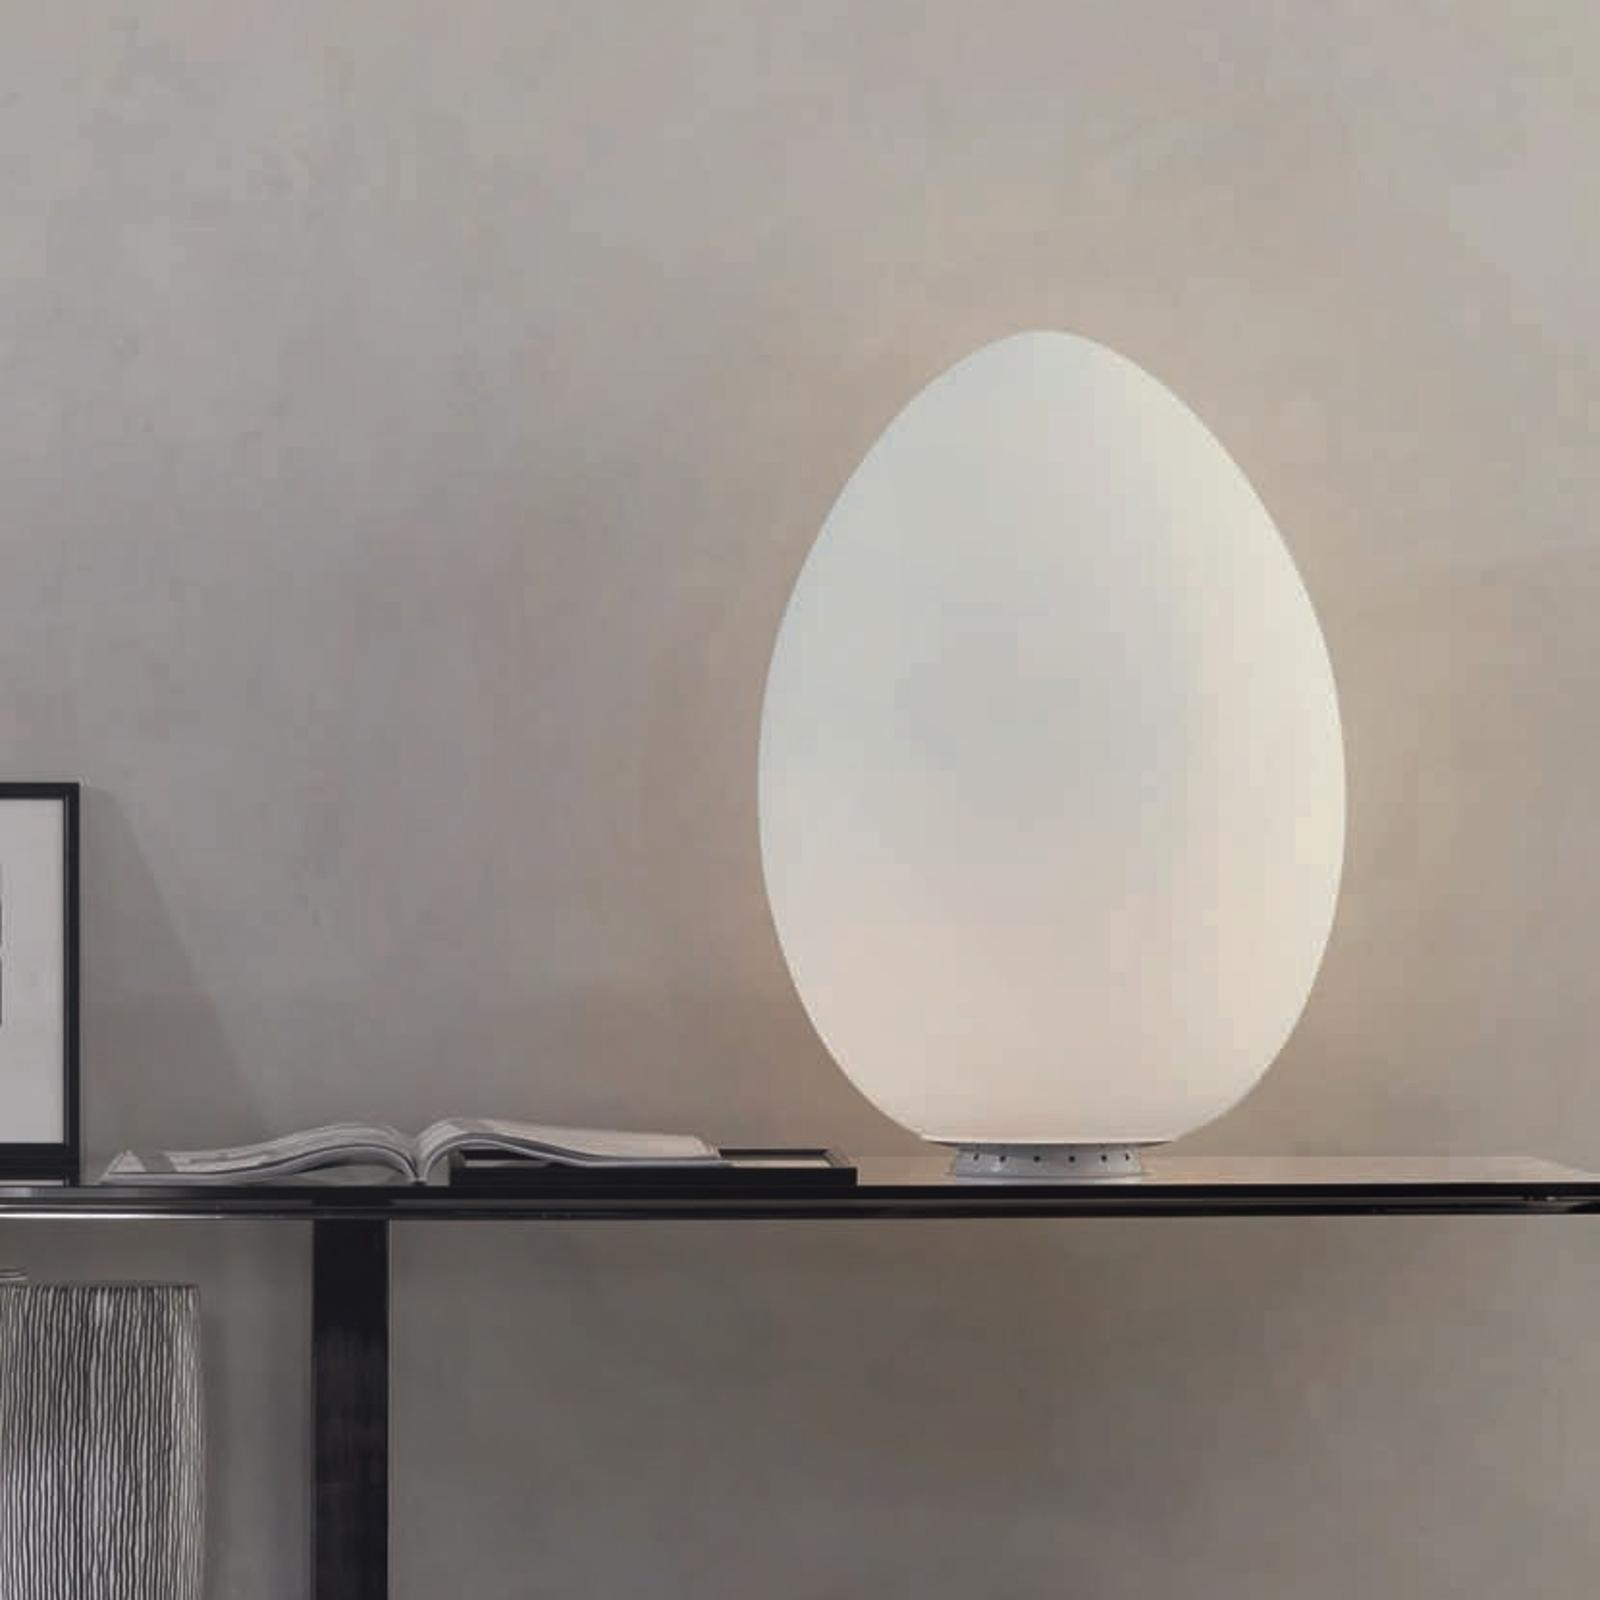 Fantastisk bordlampe UOVO, 27 cm